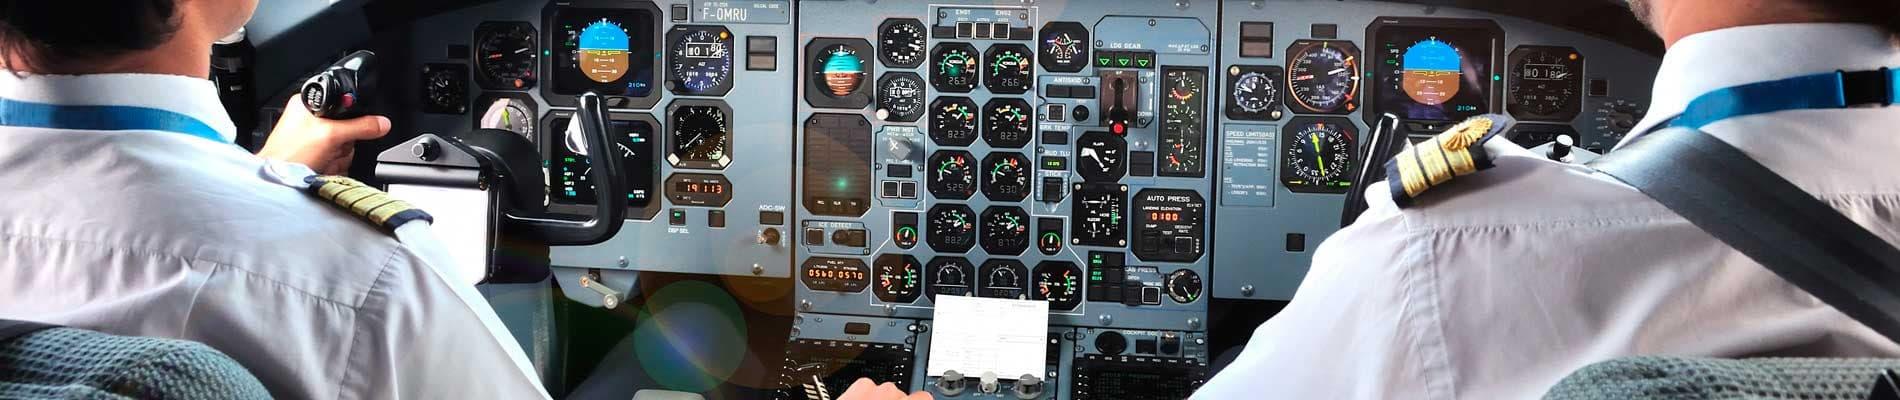 Conductor de transports i pilot